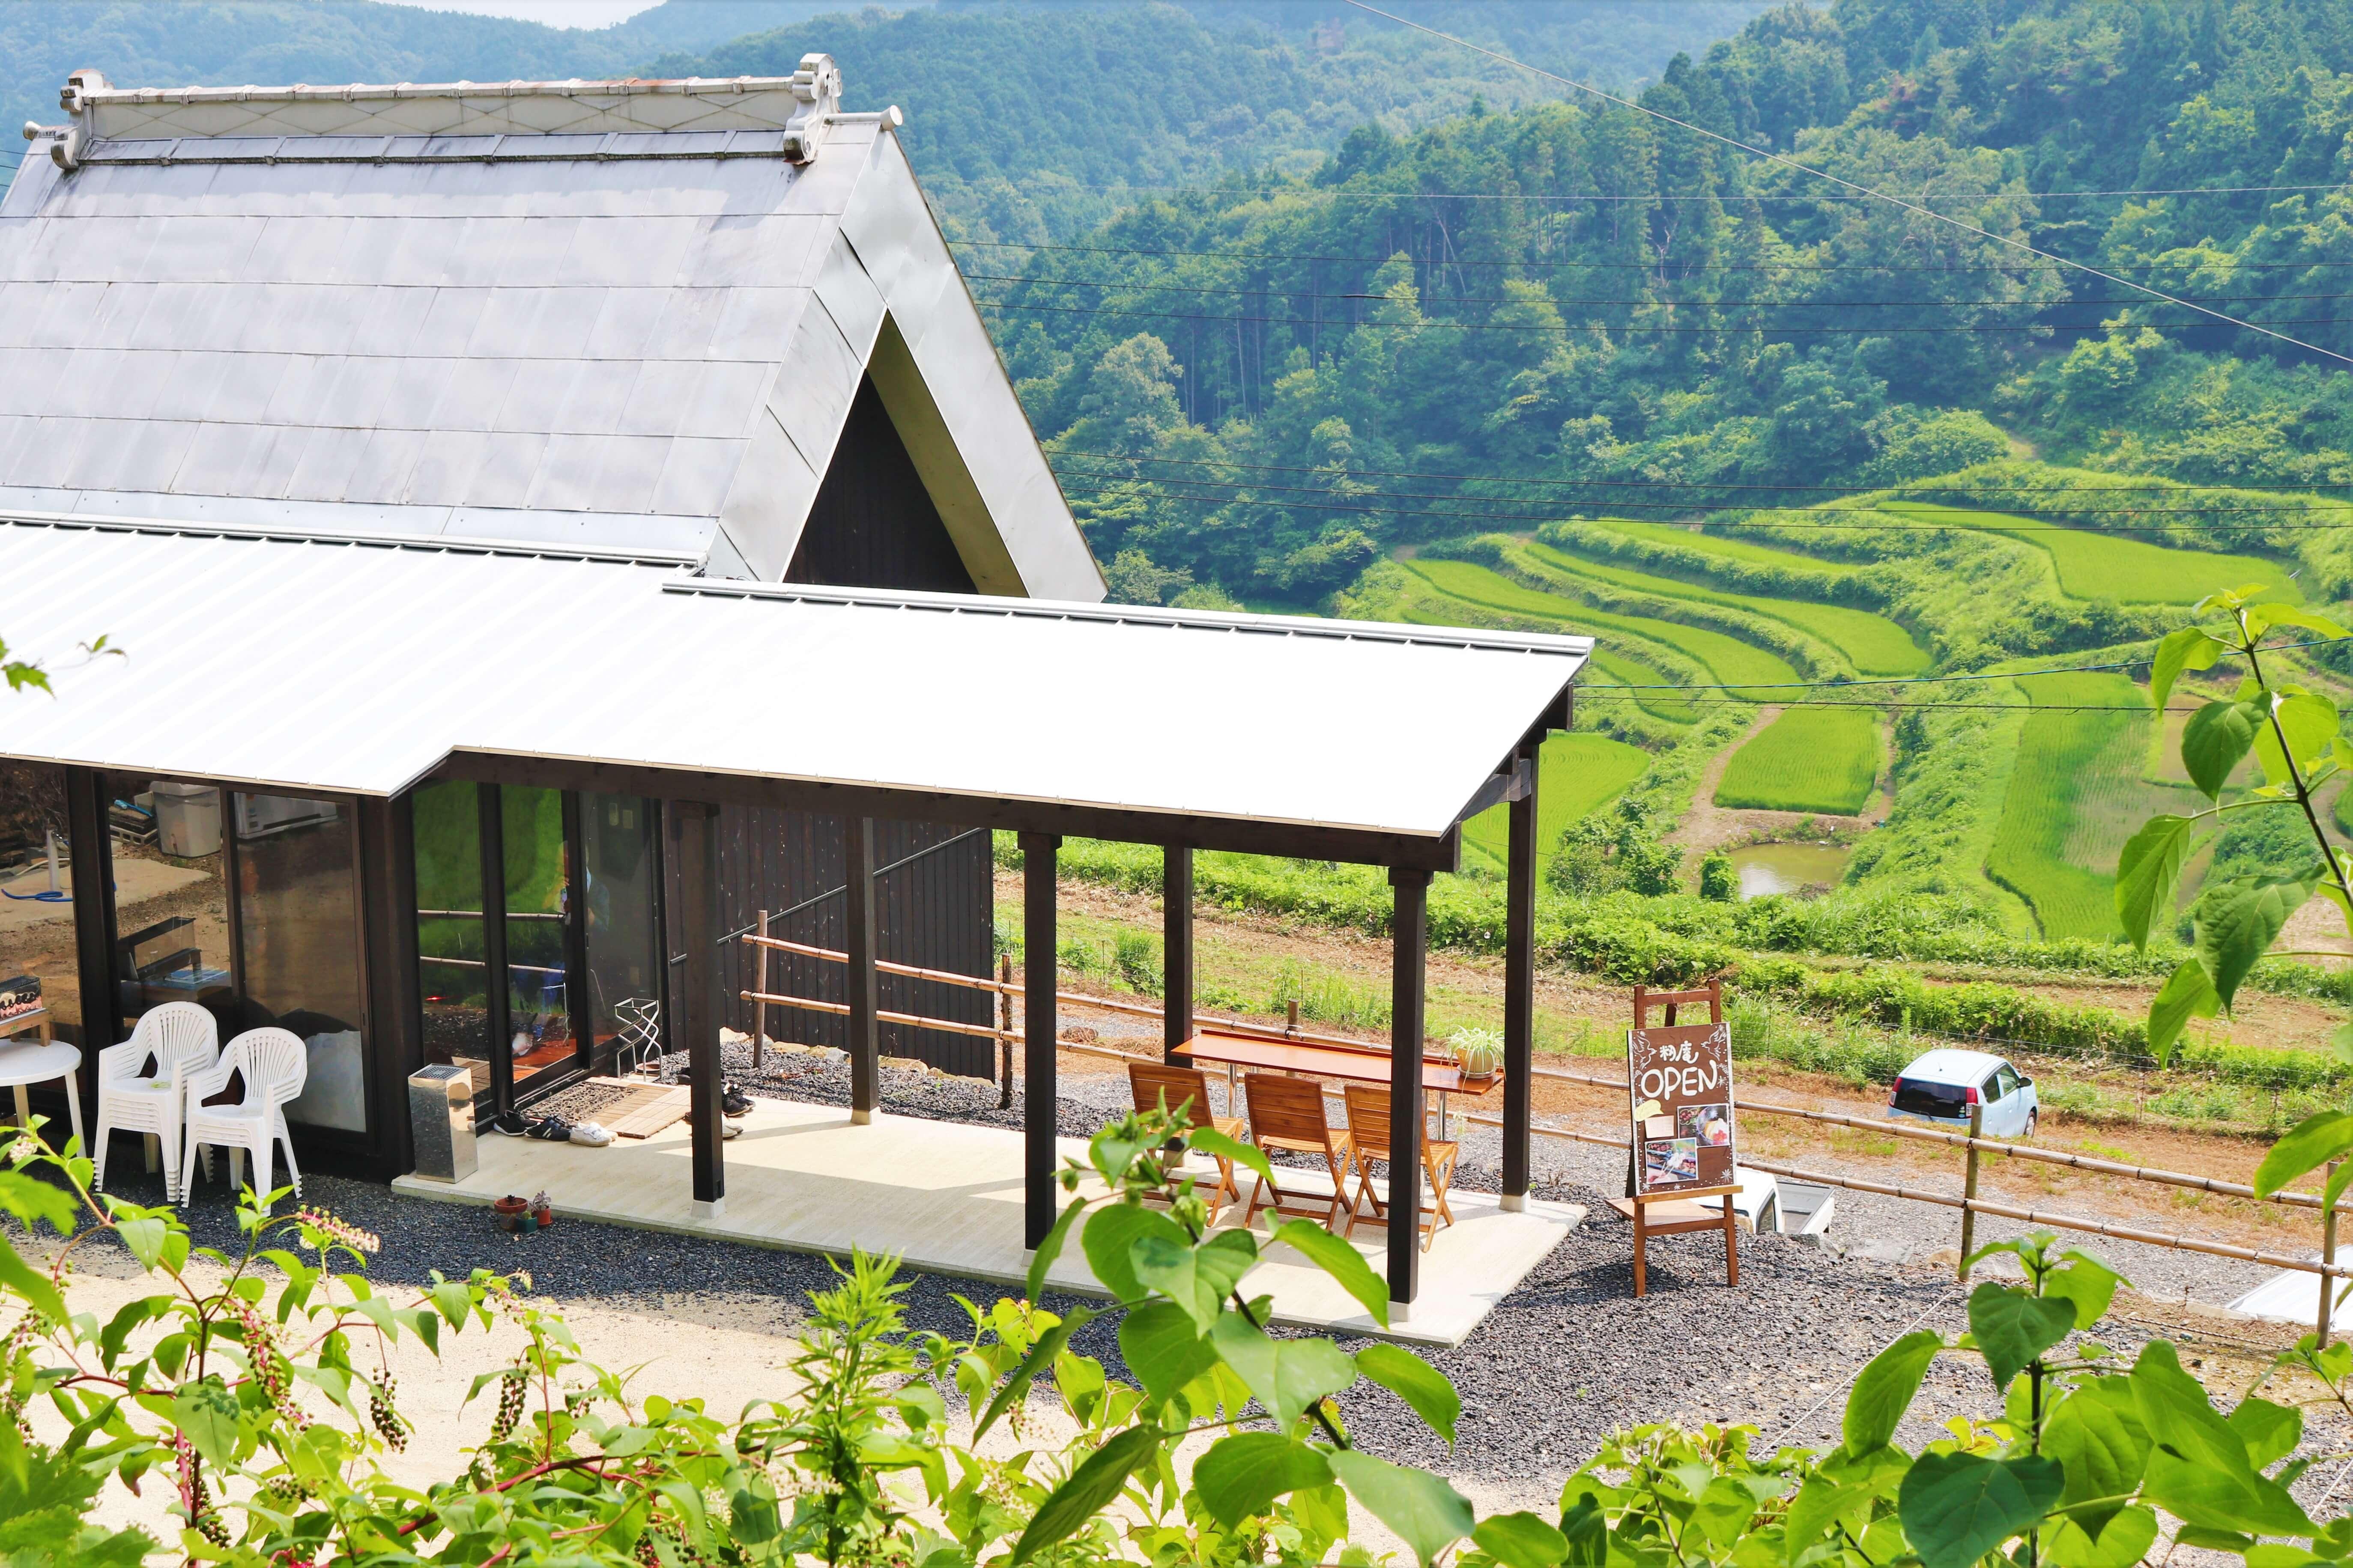 岡山県 上籾棚田 かみもみたなだ kamimomi tanada Okayama カフェ cafe